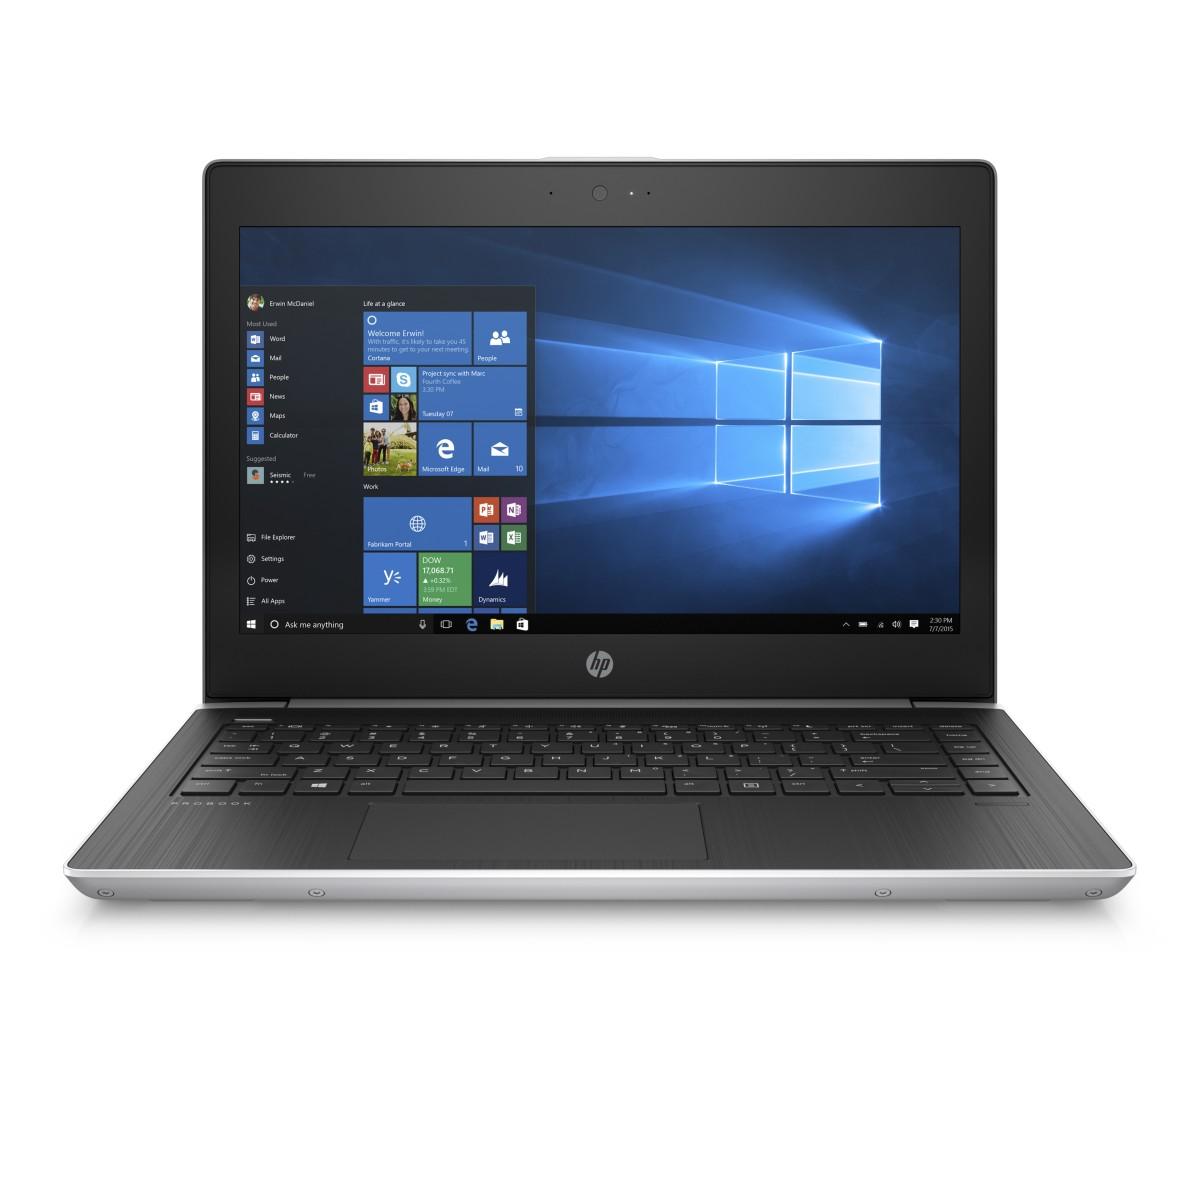 HP ProBook 430 G5 i3-8130U/8GB/256GB SSD+slot 2,5''/13.3 FHD/Backlit kbd, Win 10 Pro